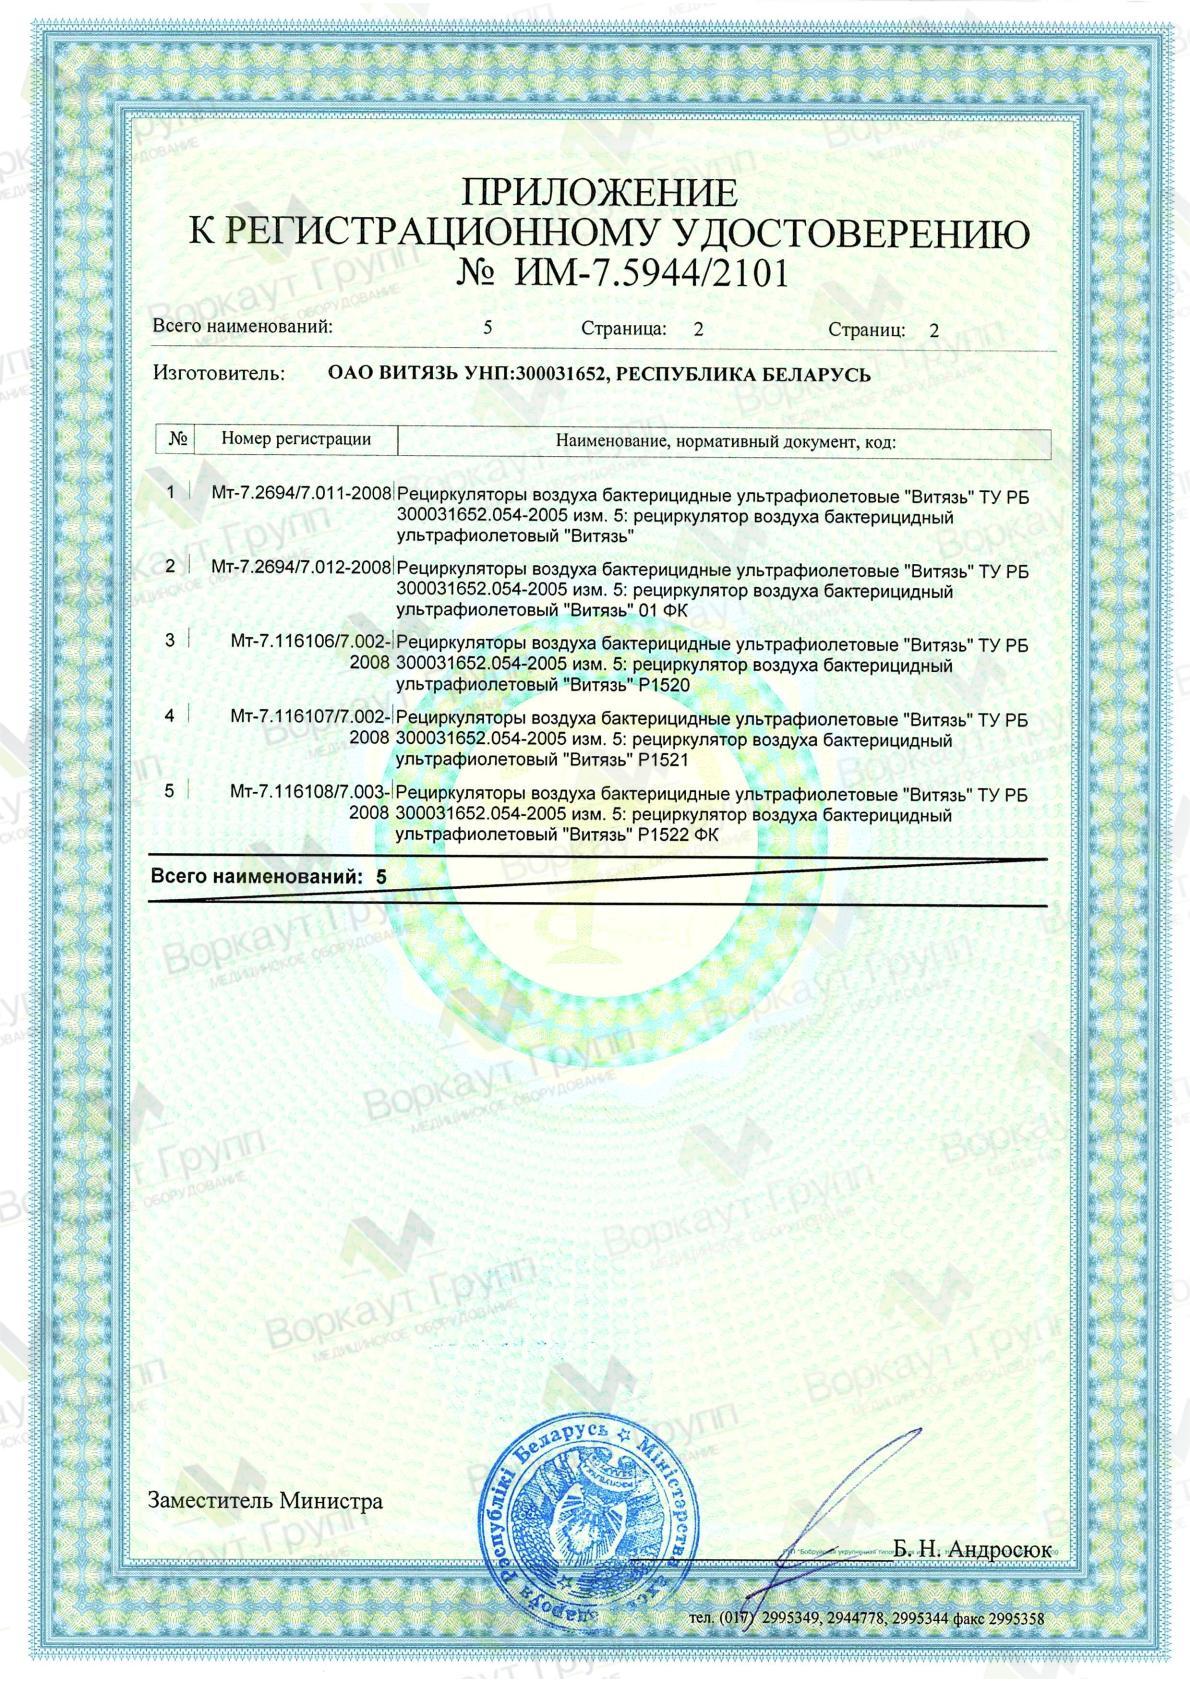 Рециркулятор воздуха (Регистрационное удостоверение) приложение